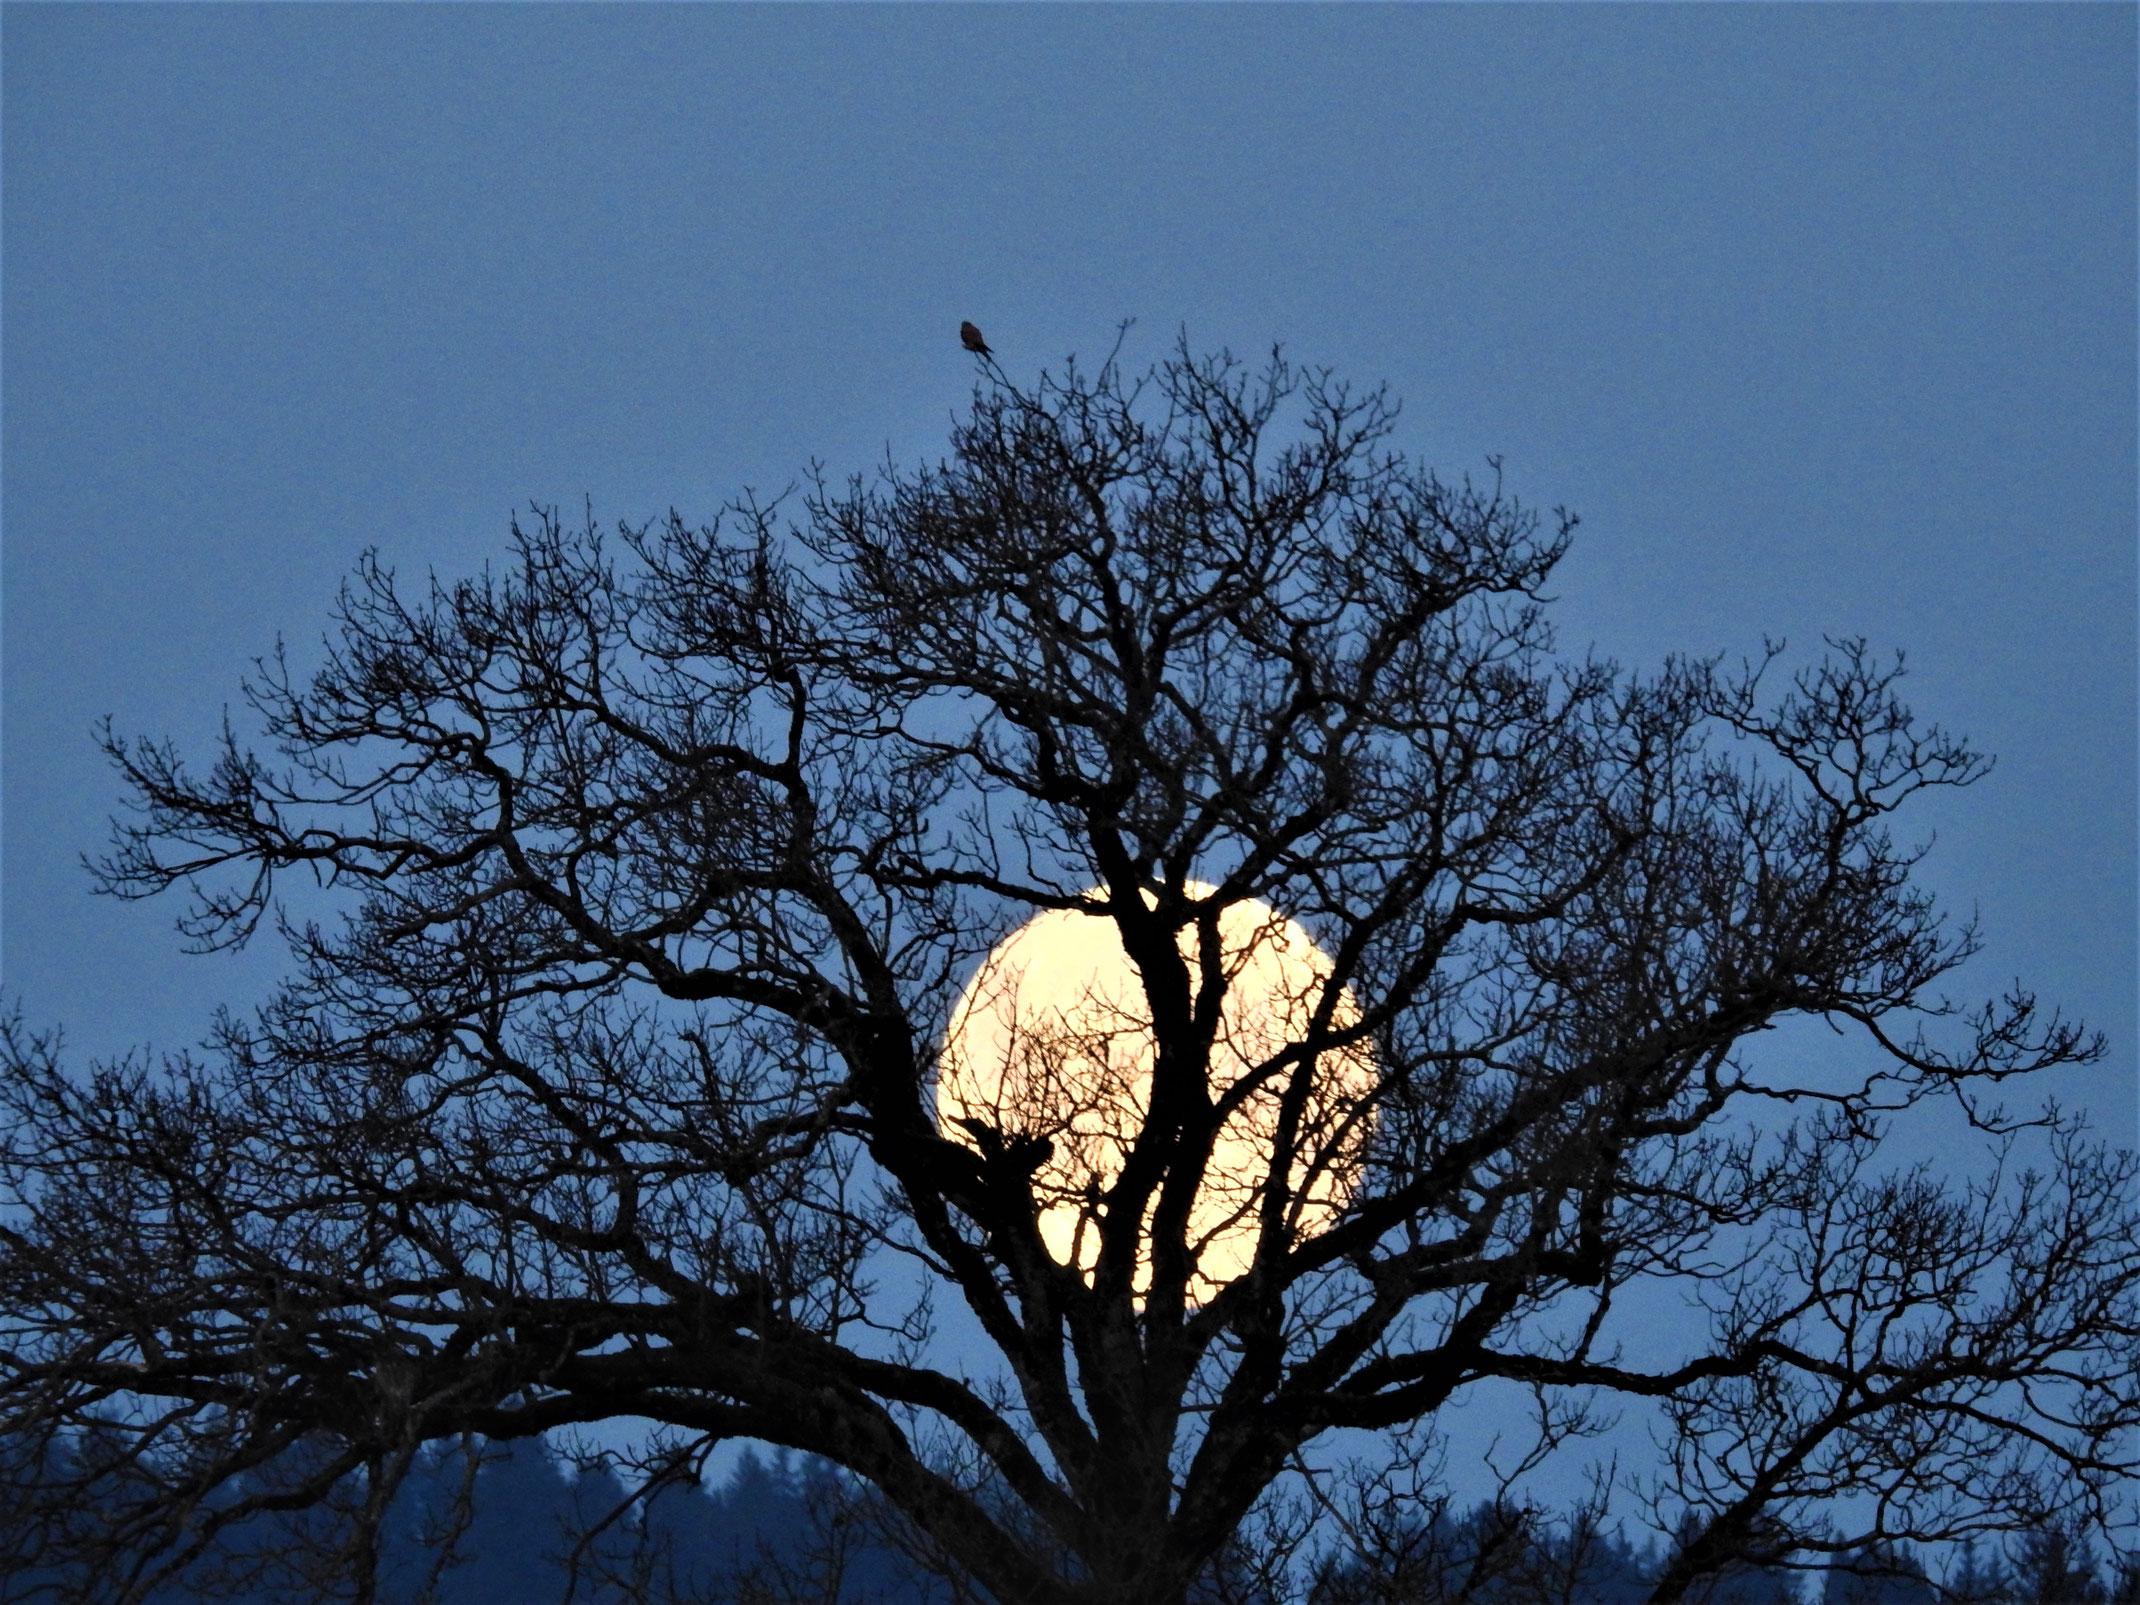 Vollmond hinter einem Baum